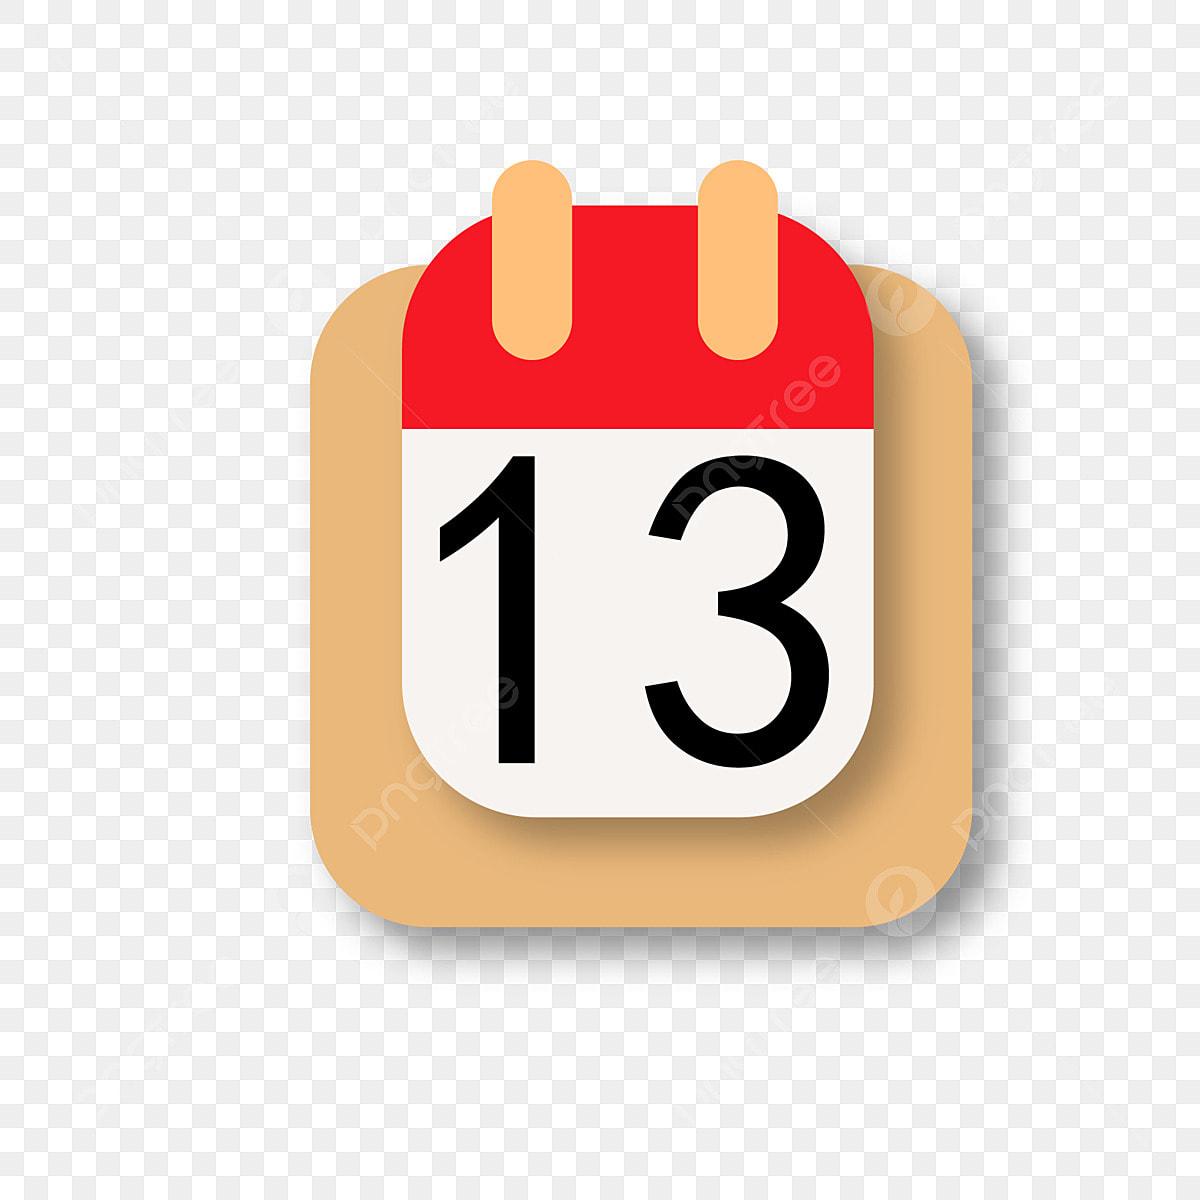 Calendario Dibujo Png.Calendario Ai Diseno Dibujos Animados Simple Calendario